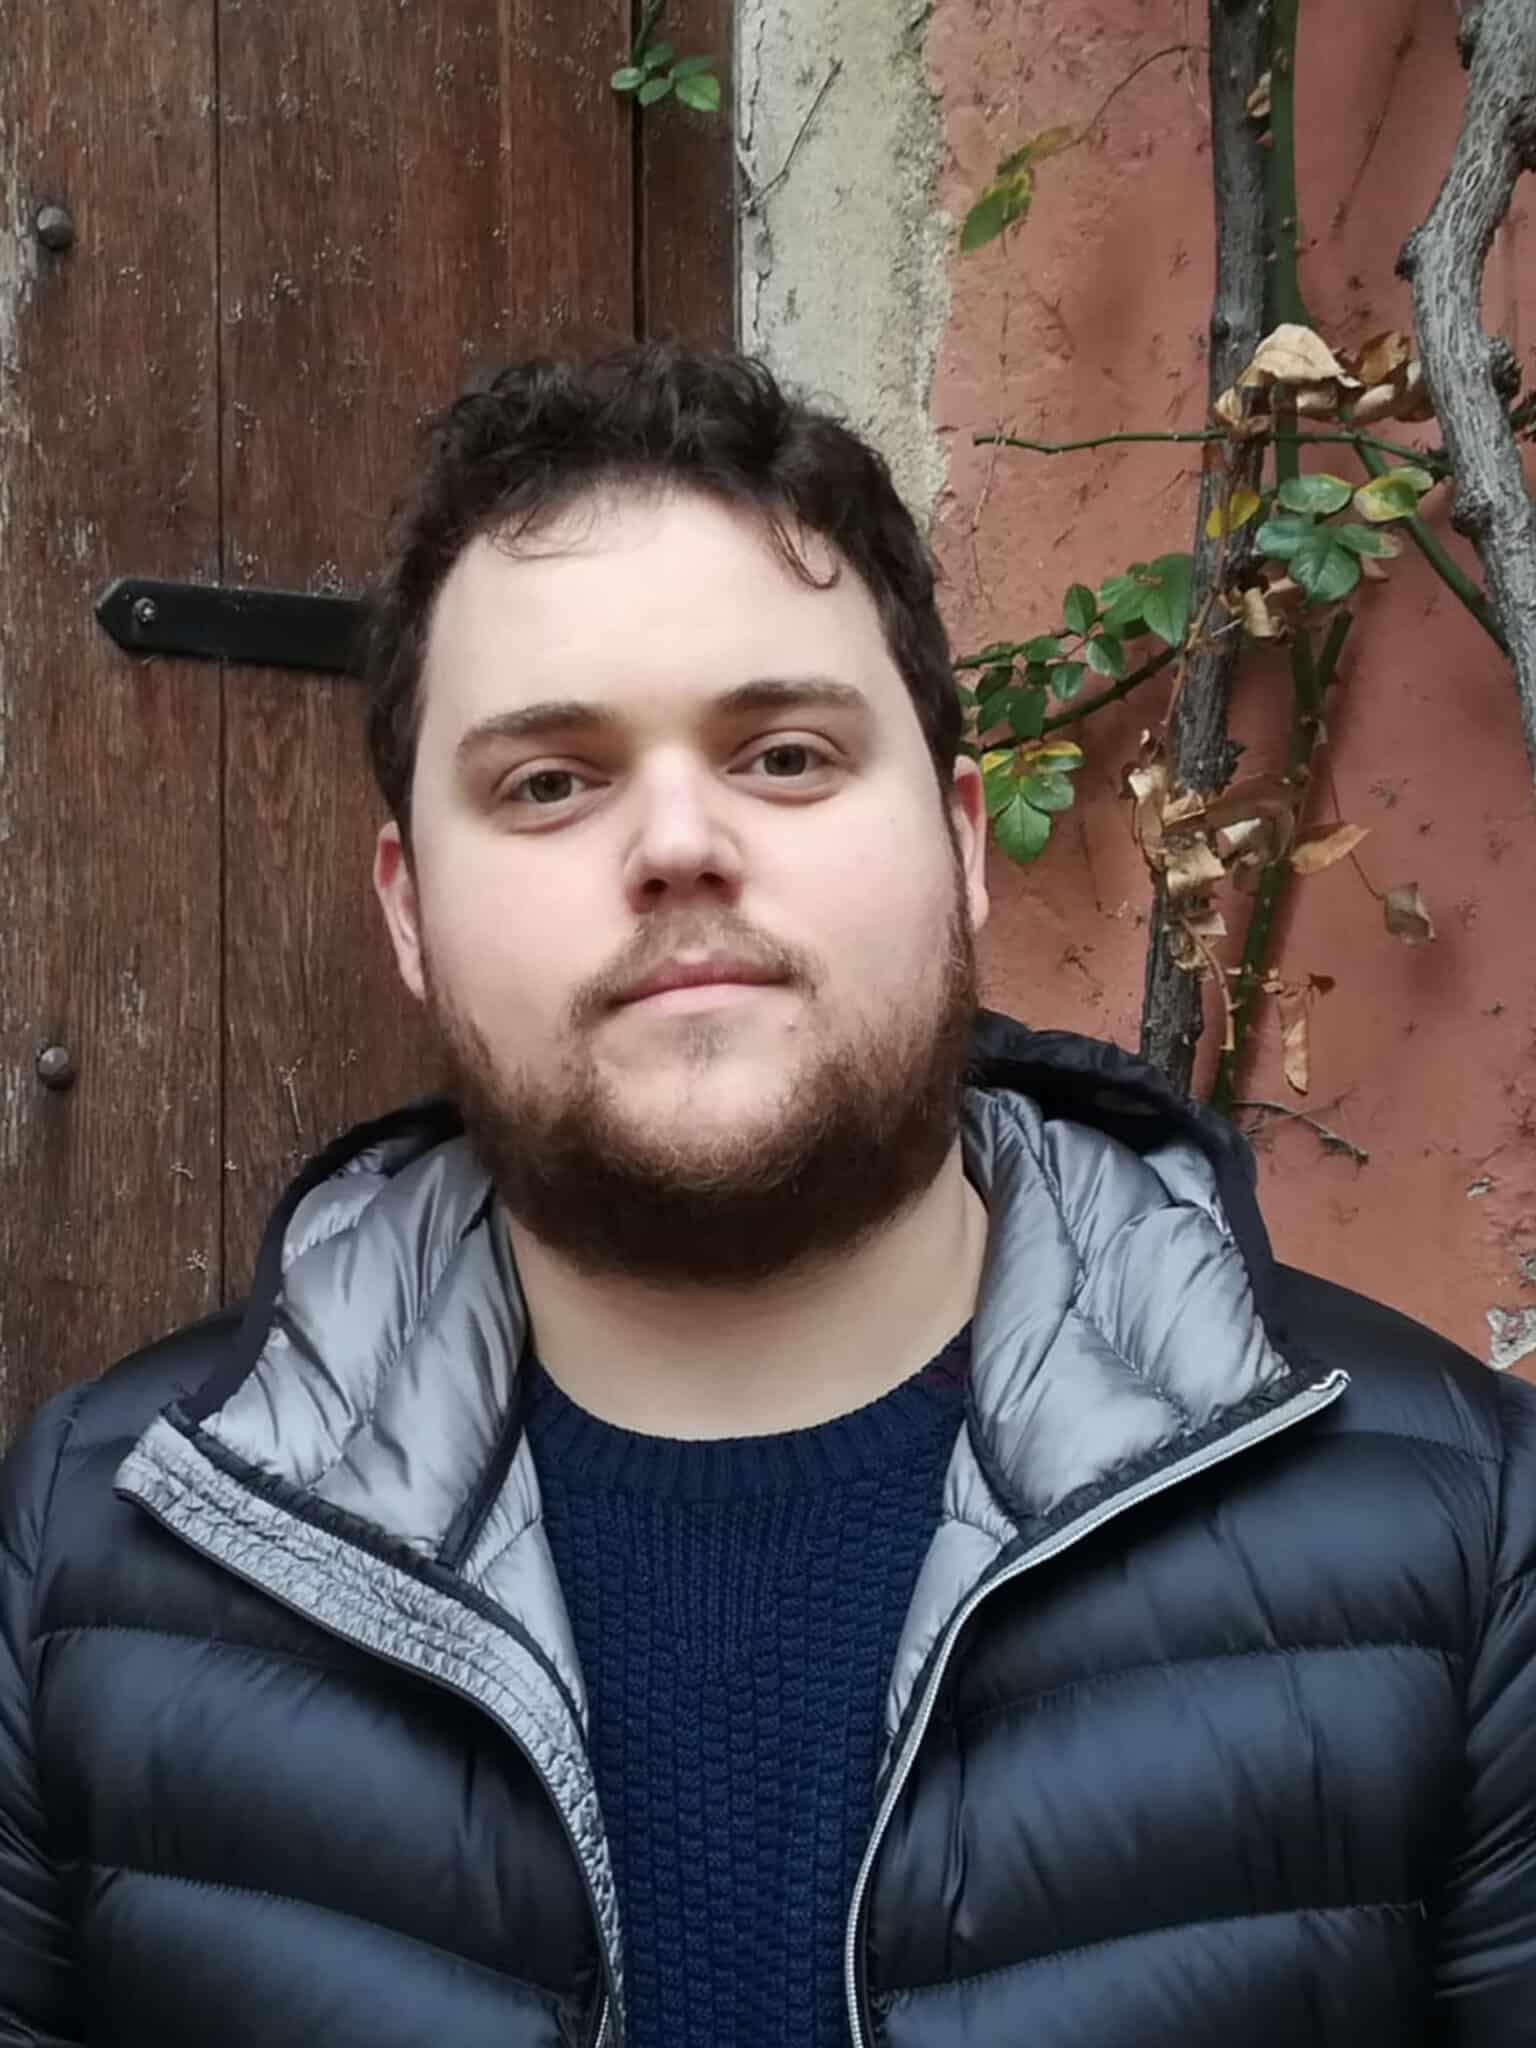 Luca Mello Rella, the co-founder